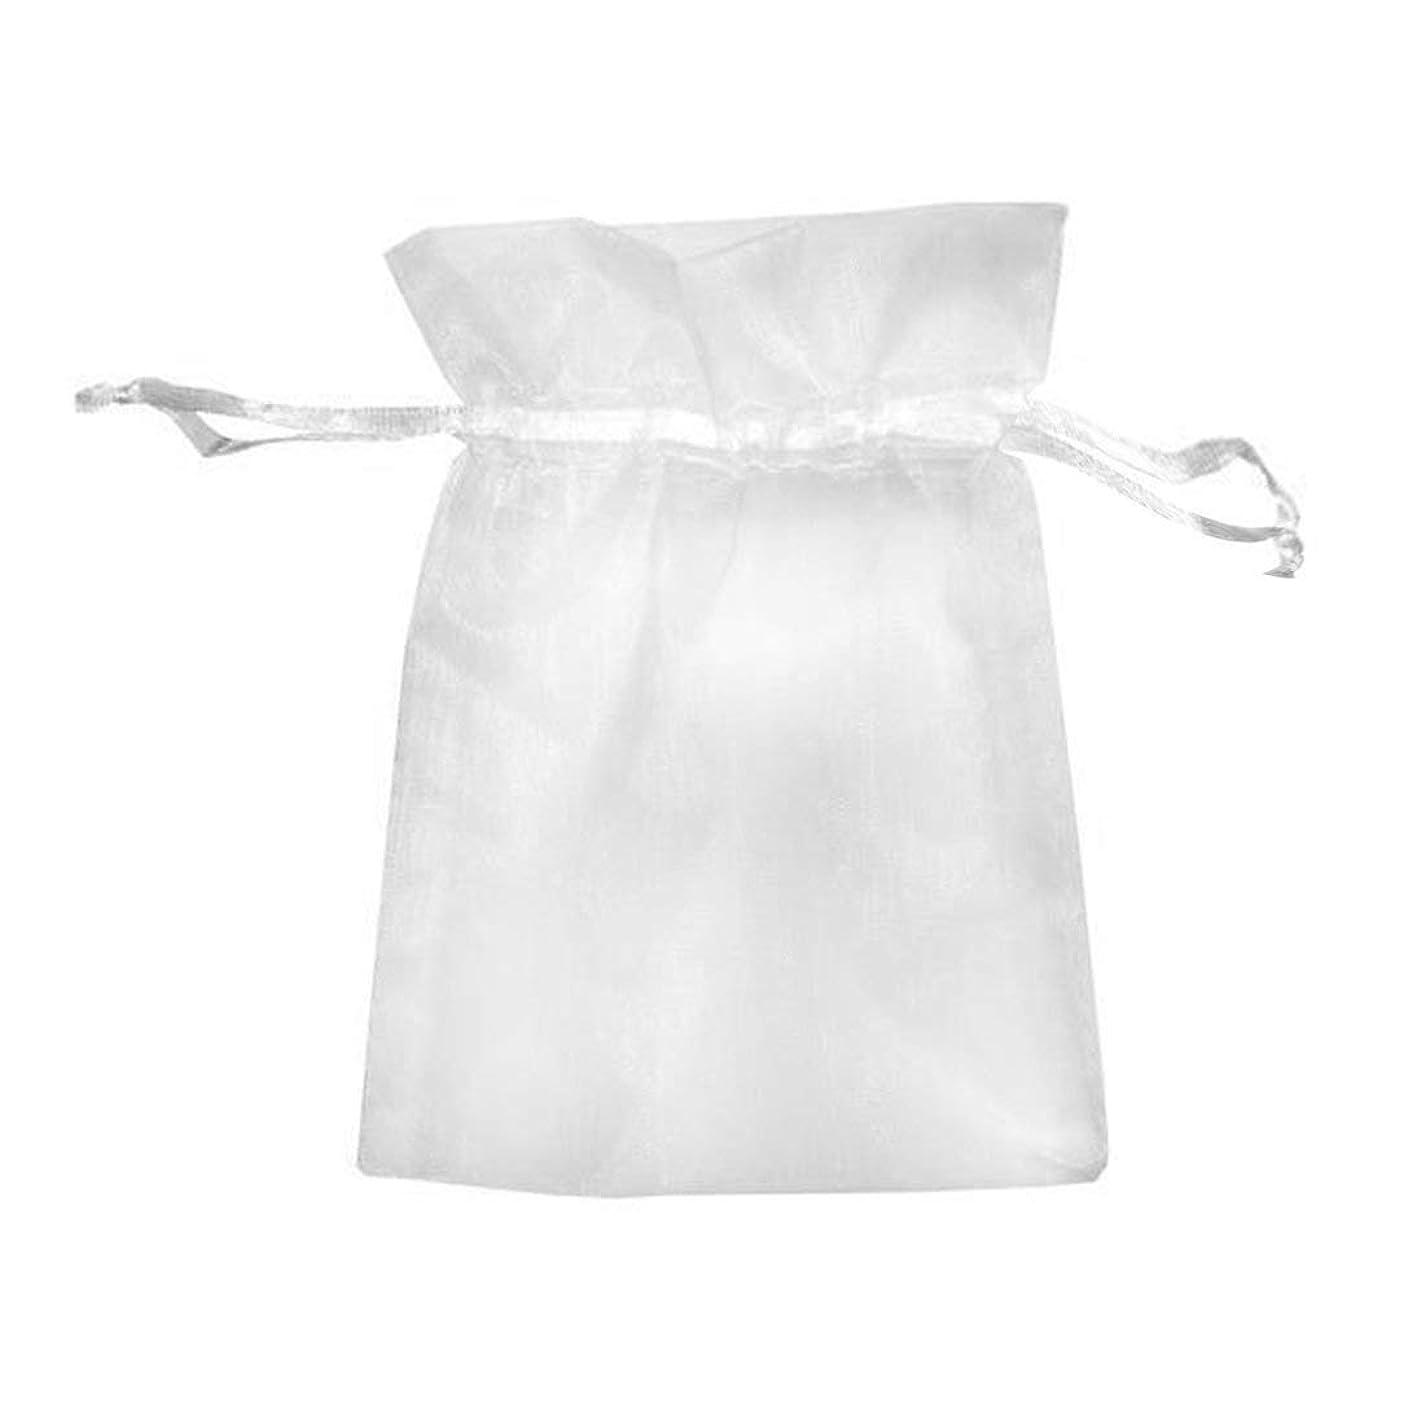 待って六分儀見えないSwiftgood 100ピースホワイト7×9センチ巾着オーガンザポーチギフトdiyパッケージジュエリーパーティーバッグ